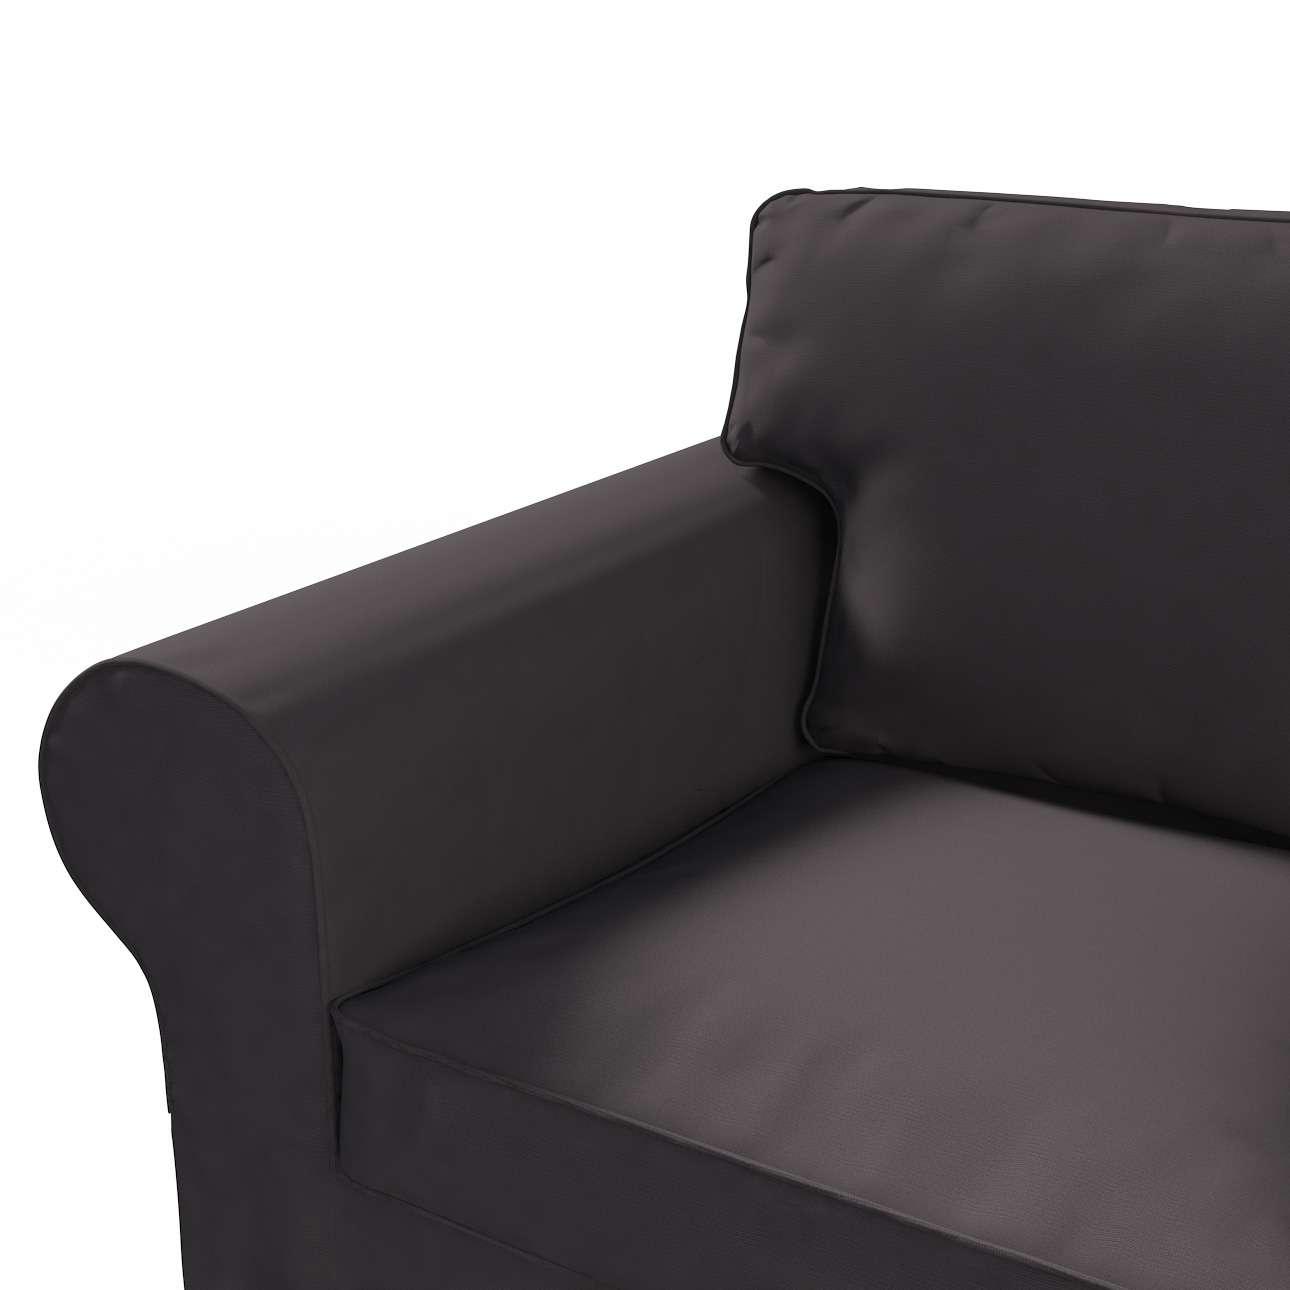 Pokrowiec na sofę Ektorp 2-osobową, nierozkładaną Sofa Ektorp 2-osobowa w kolekcji Cotton Panama, tkanina: 702-09